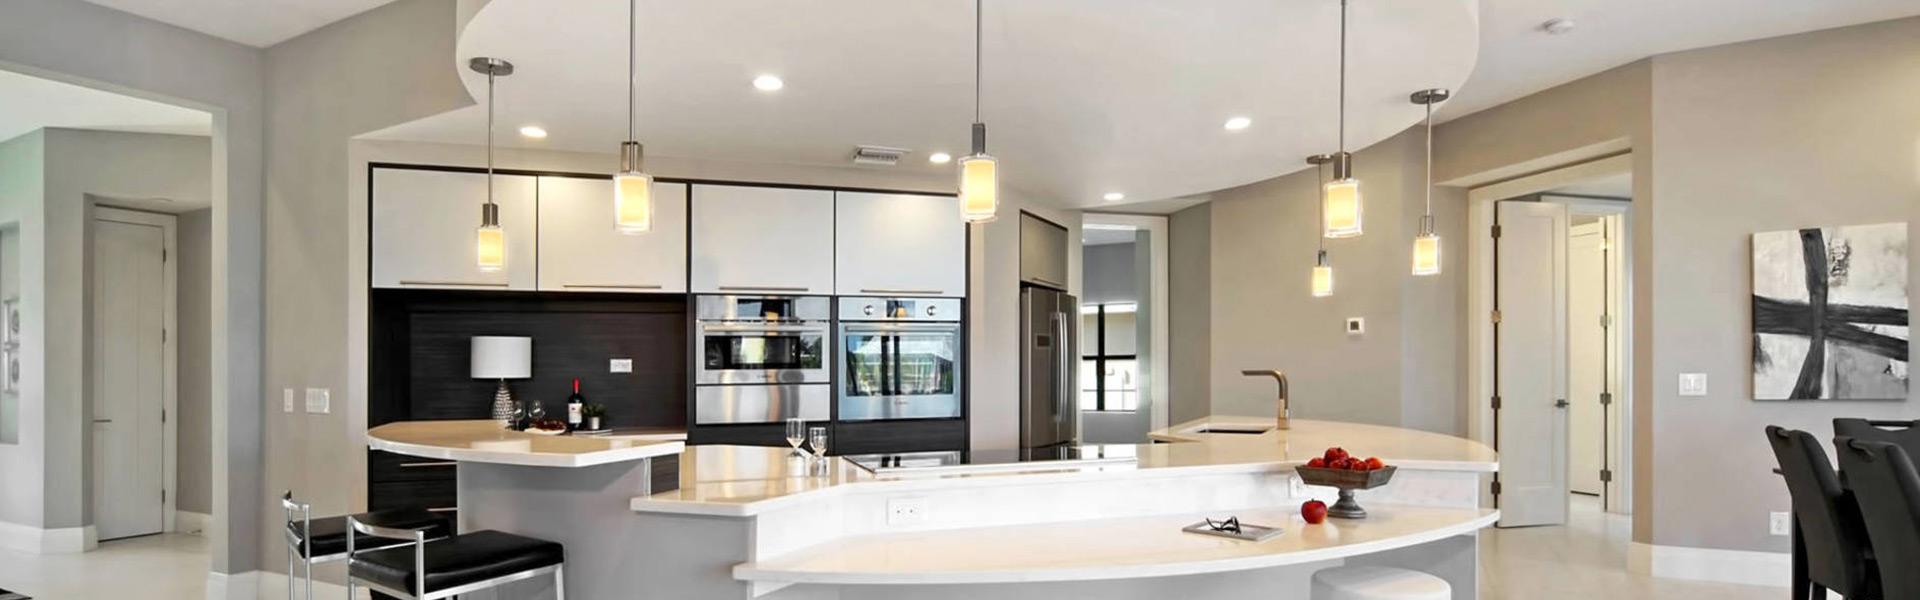 Immobilienkauf in Florida, Haus kaufen in Florida